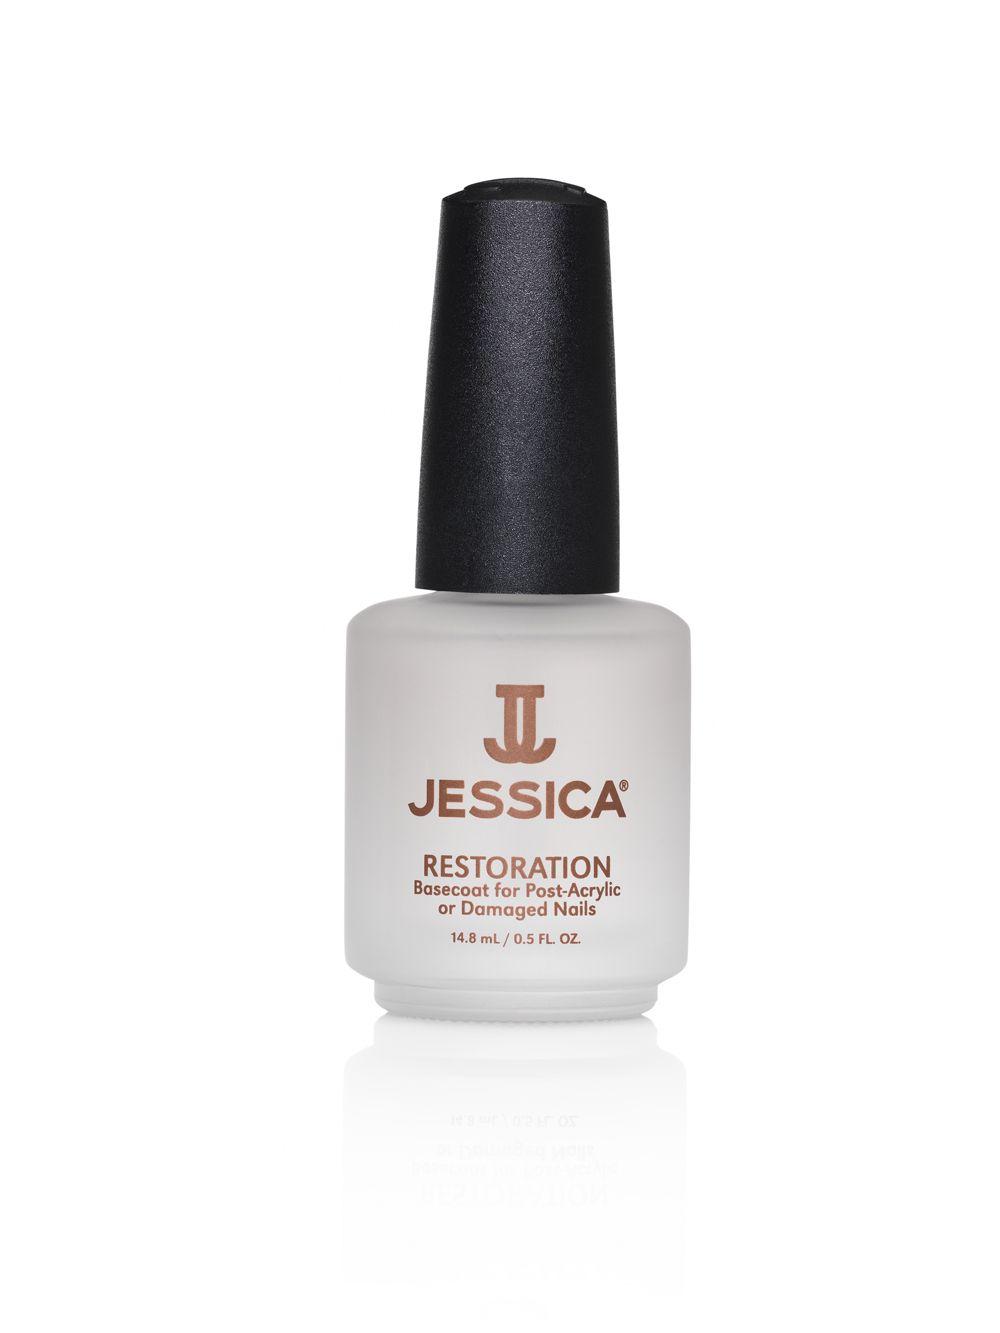 Jessica Cosmetics Restoration